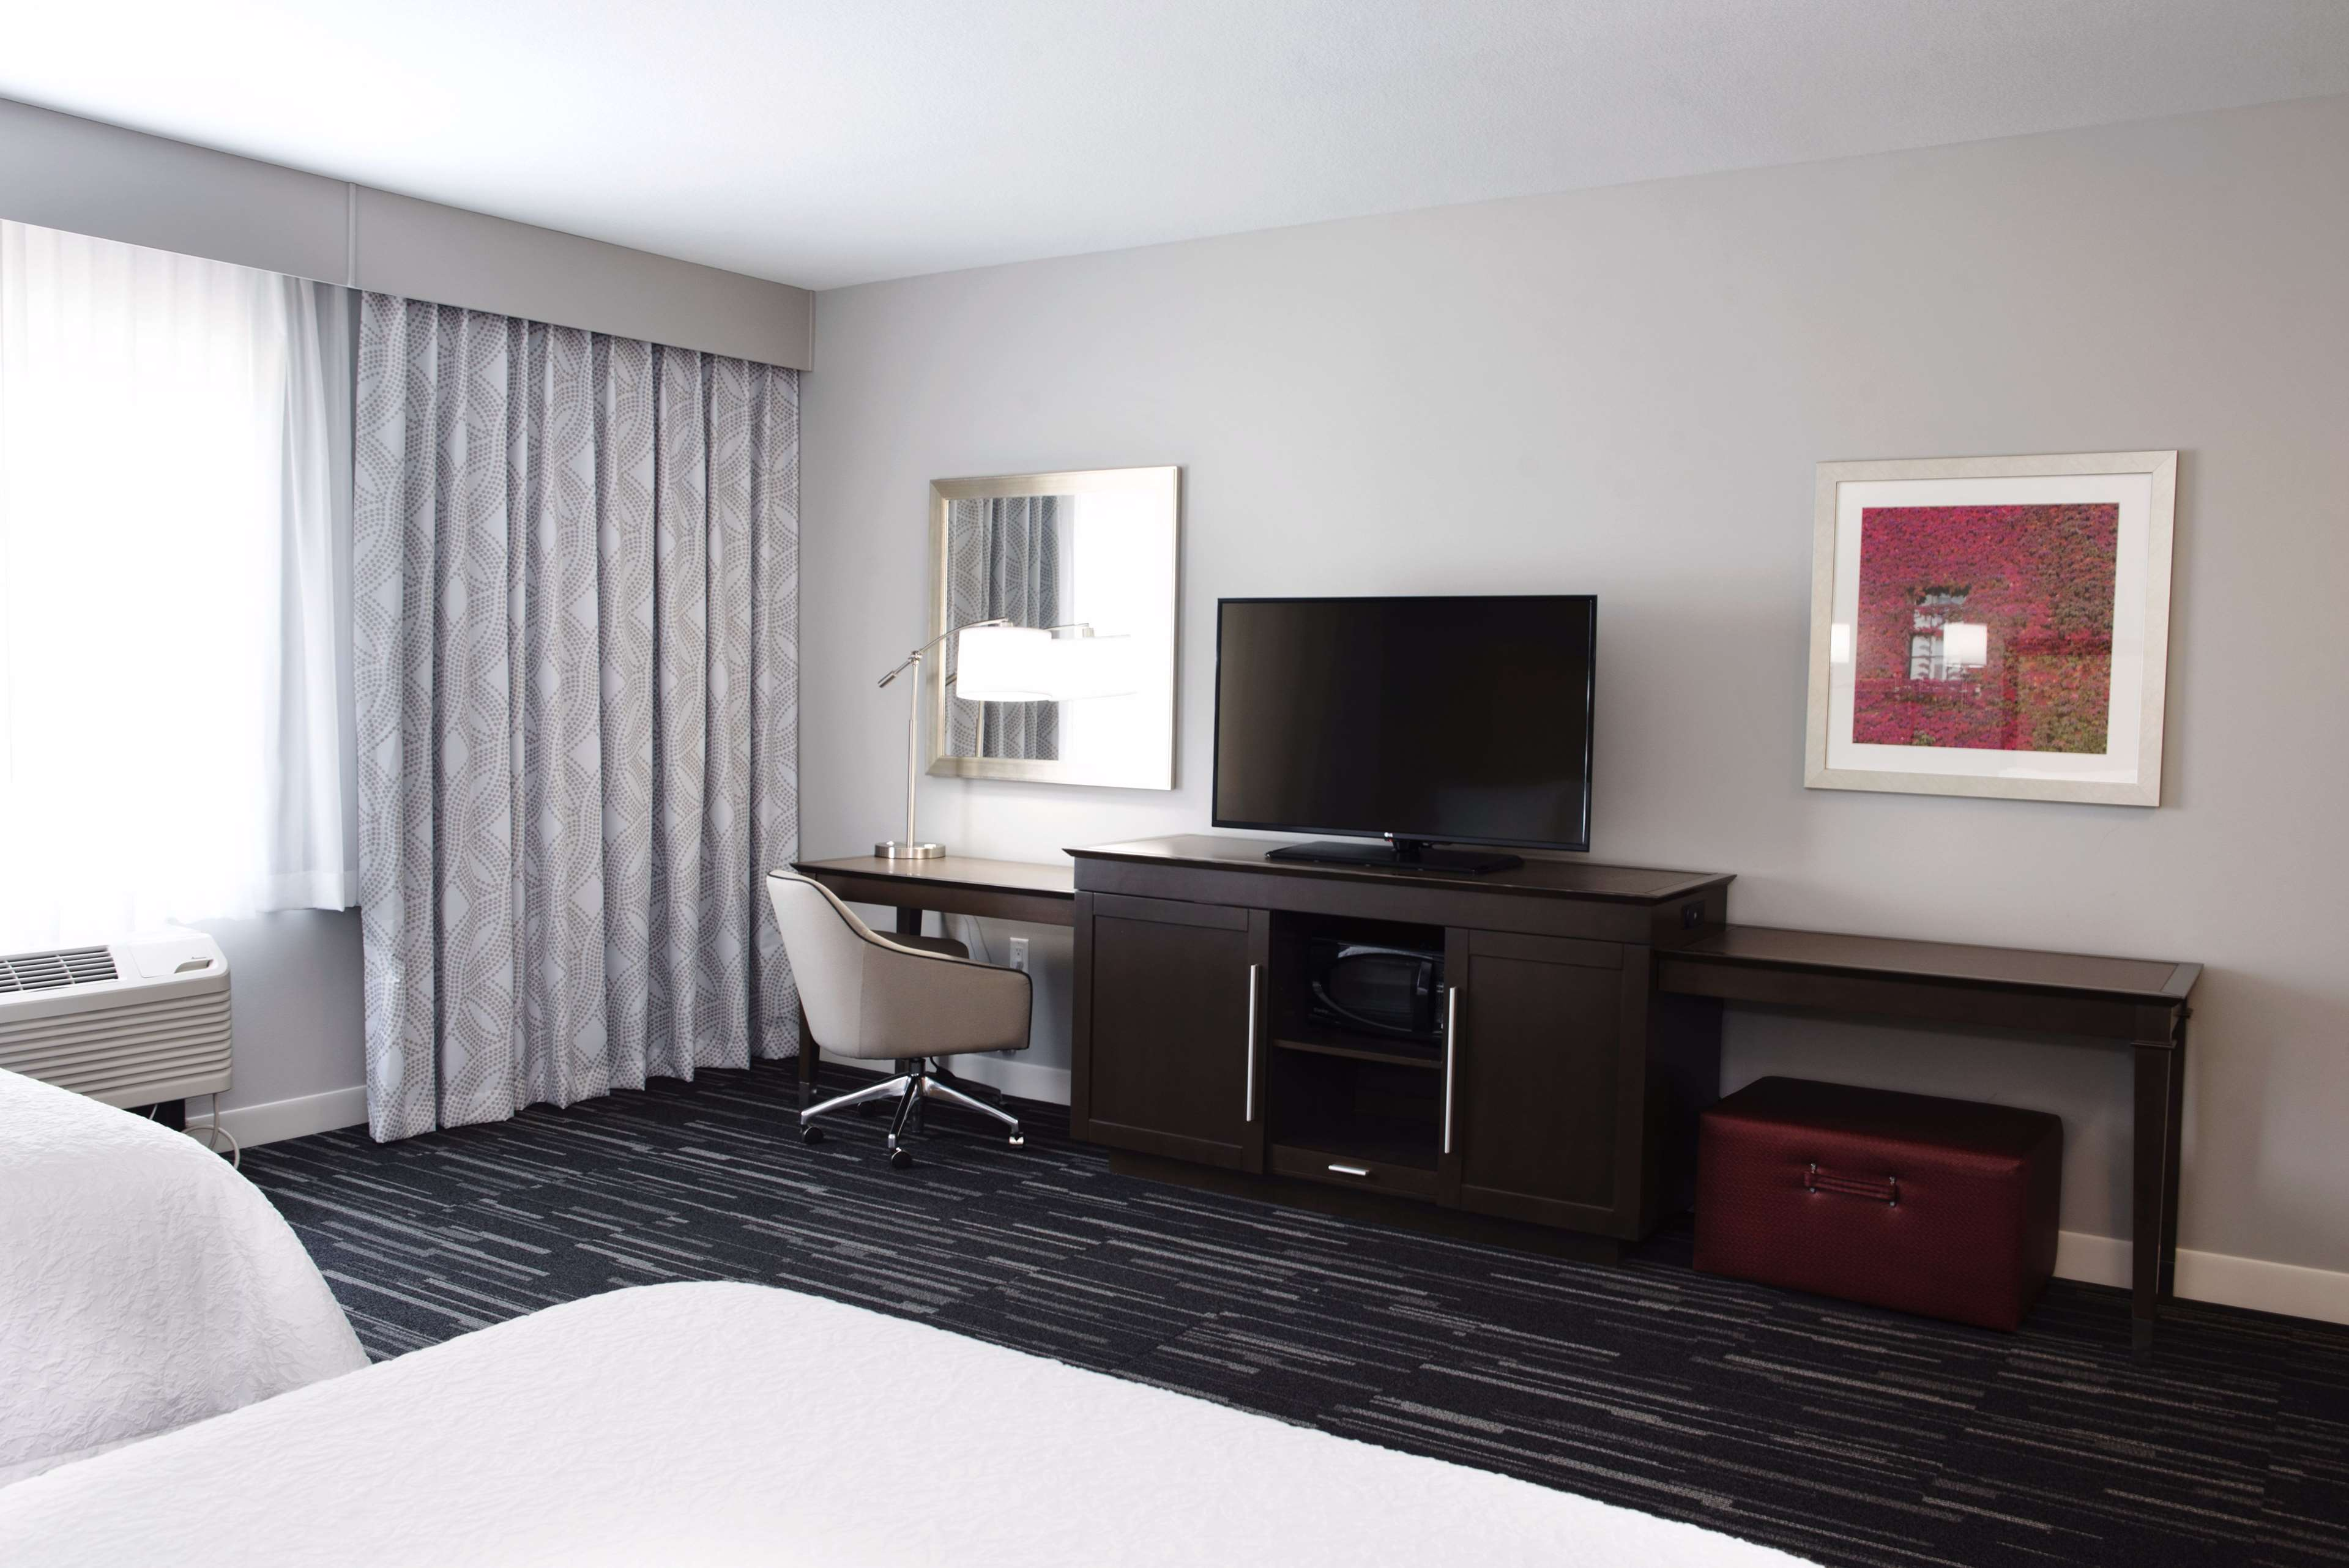 Hampton Inn & Suites Des Moines/Urbandale image 39